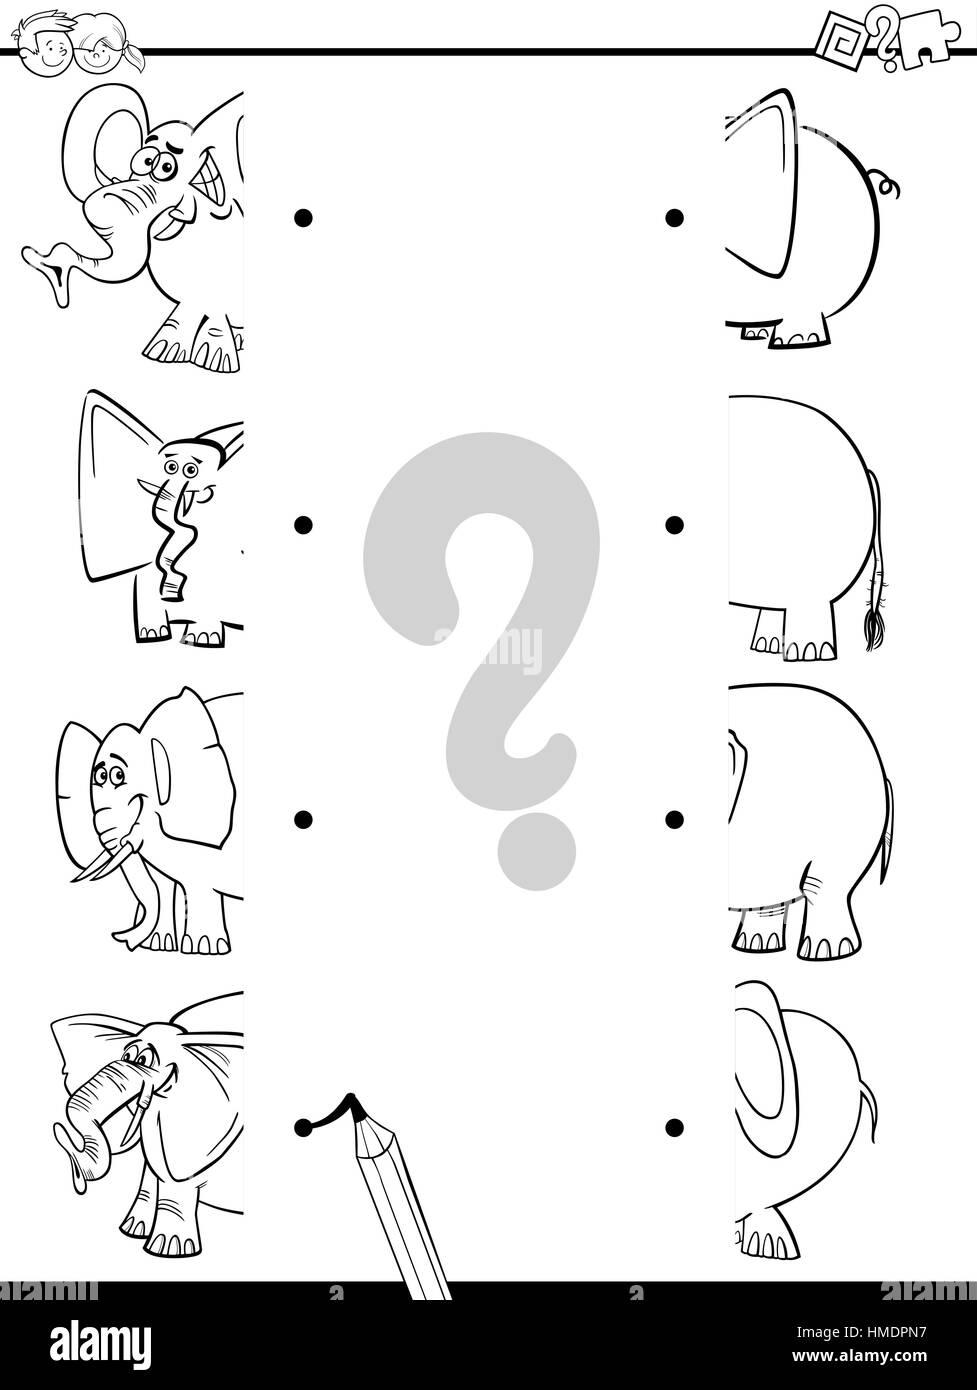 Ilustración Caricatura En Blanco Y Negro De Juego Educativo